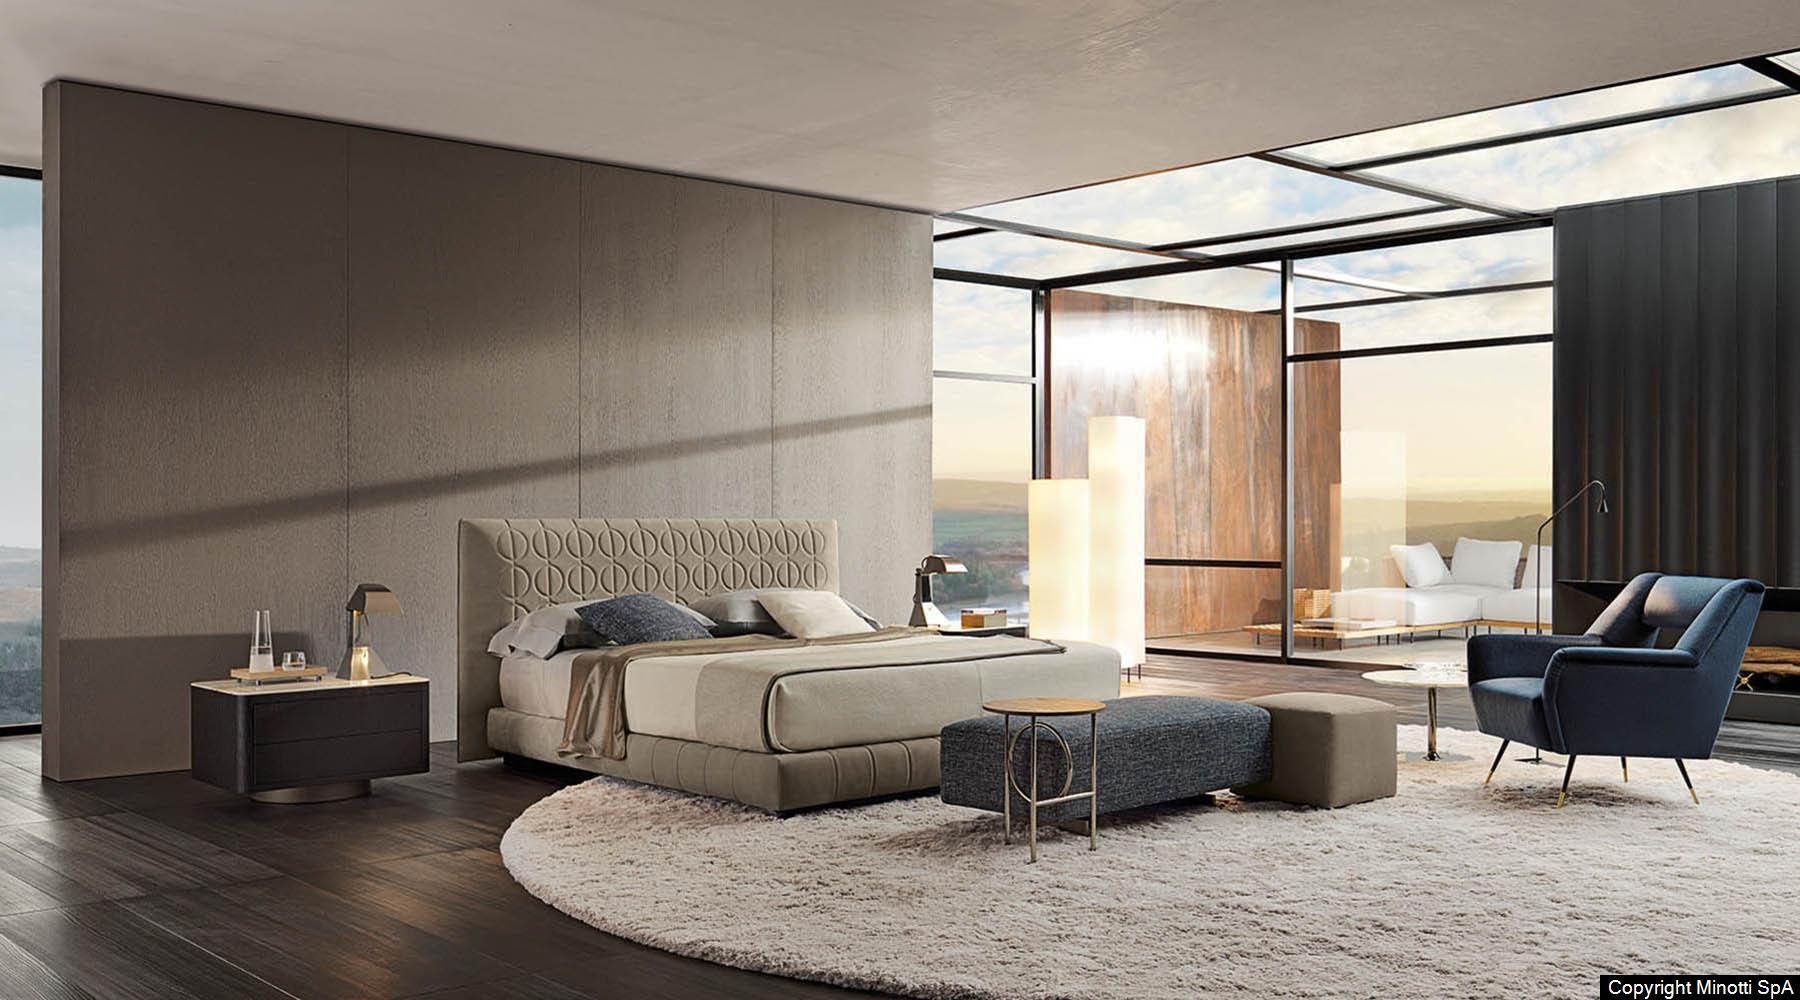 Cách bài trí phòng ngủ tạo không gian thư giãn